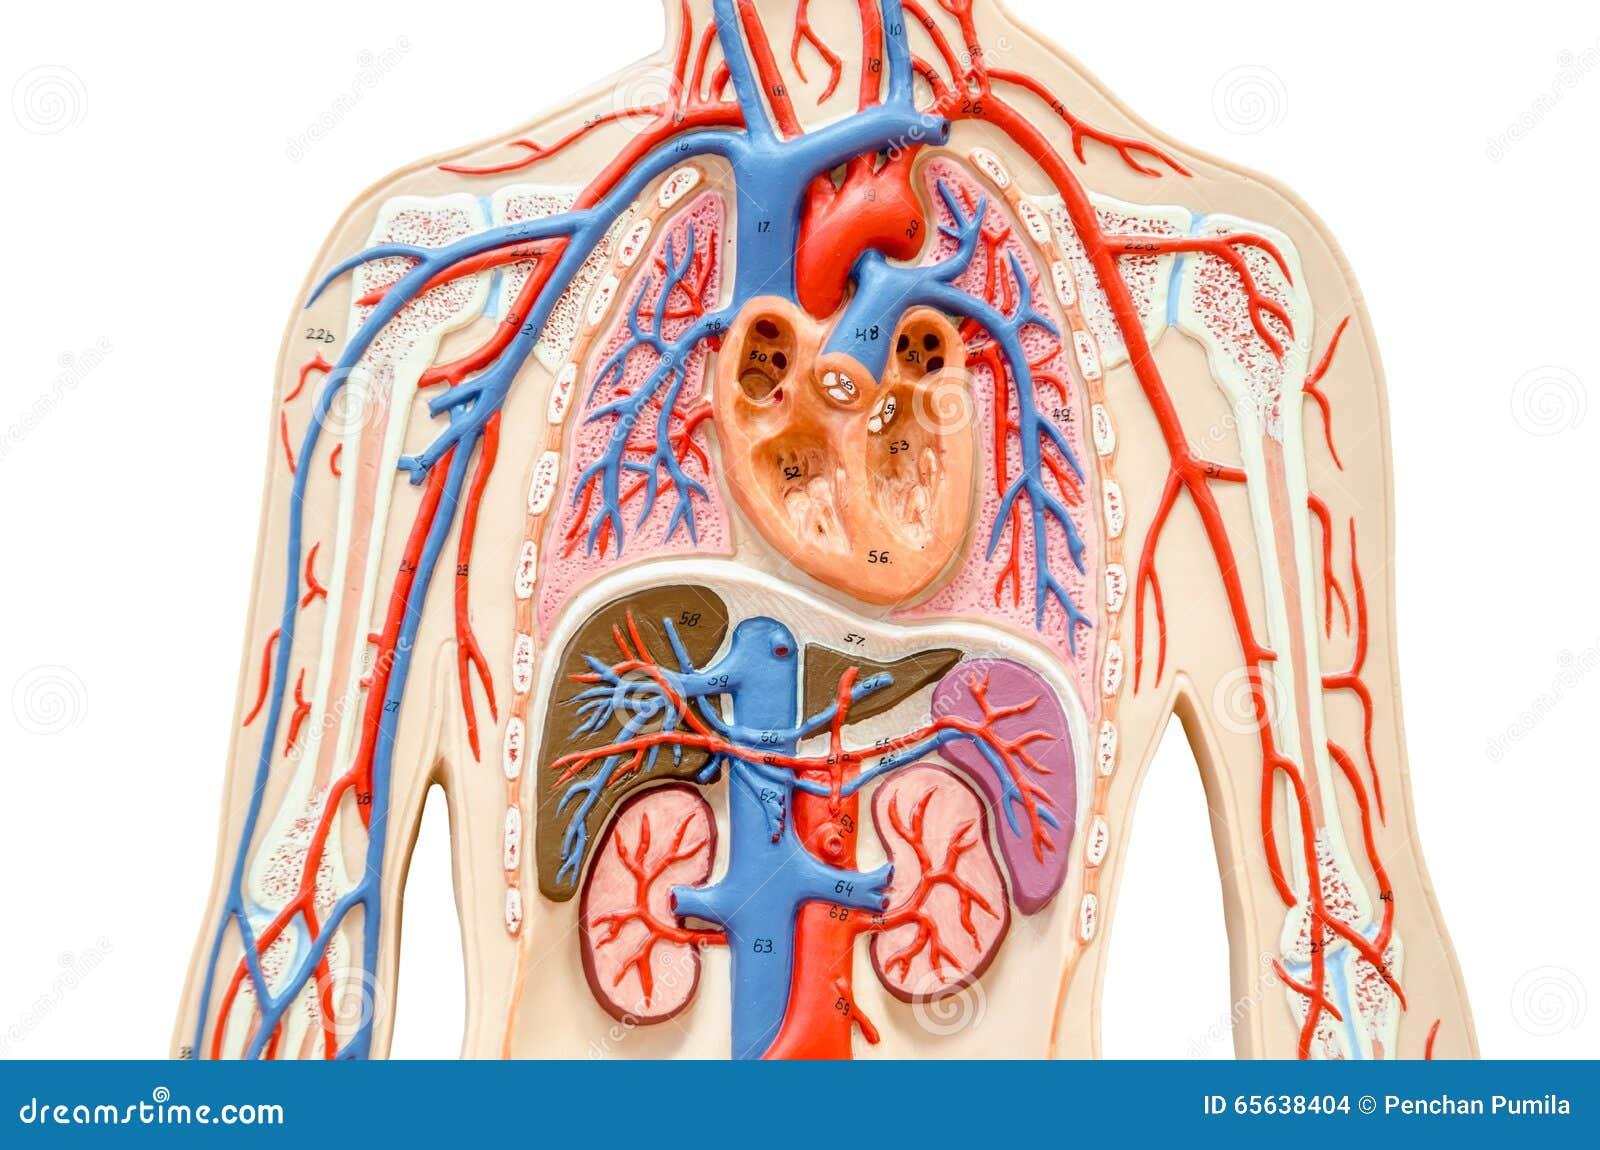 Modellera människokroppen med lever, njuren, lungor och hjärta